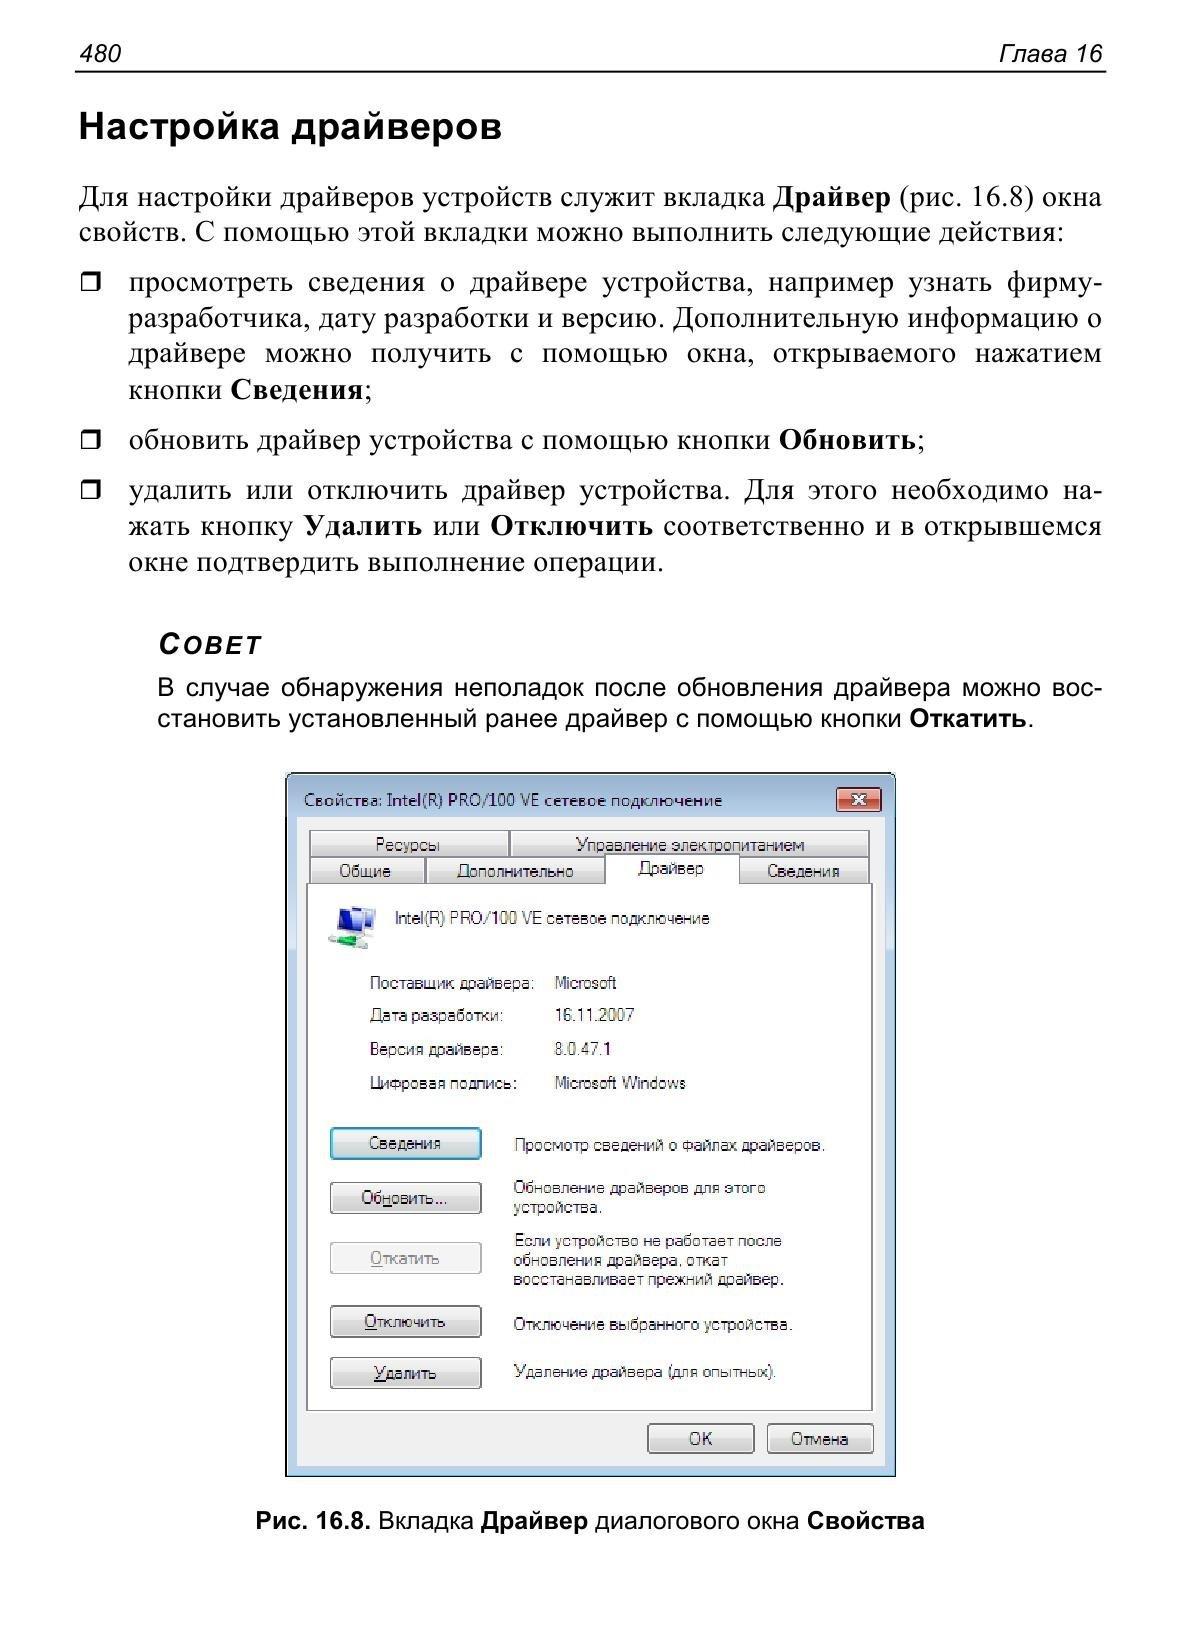 http://images.vfl.ru/ii/1407358036/d1dc9504/5919765.jpg